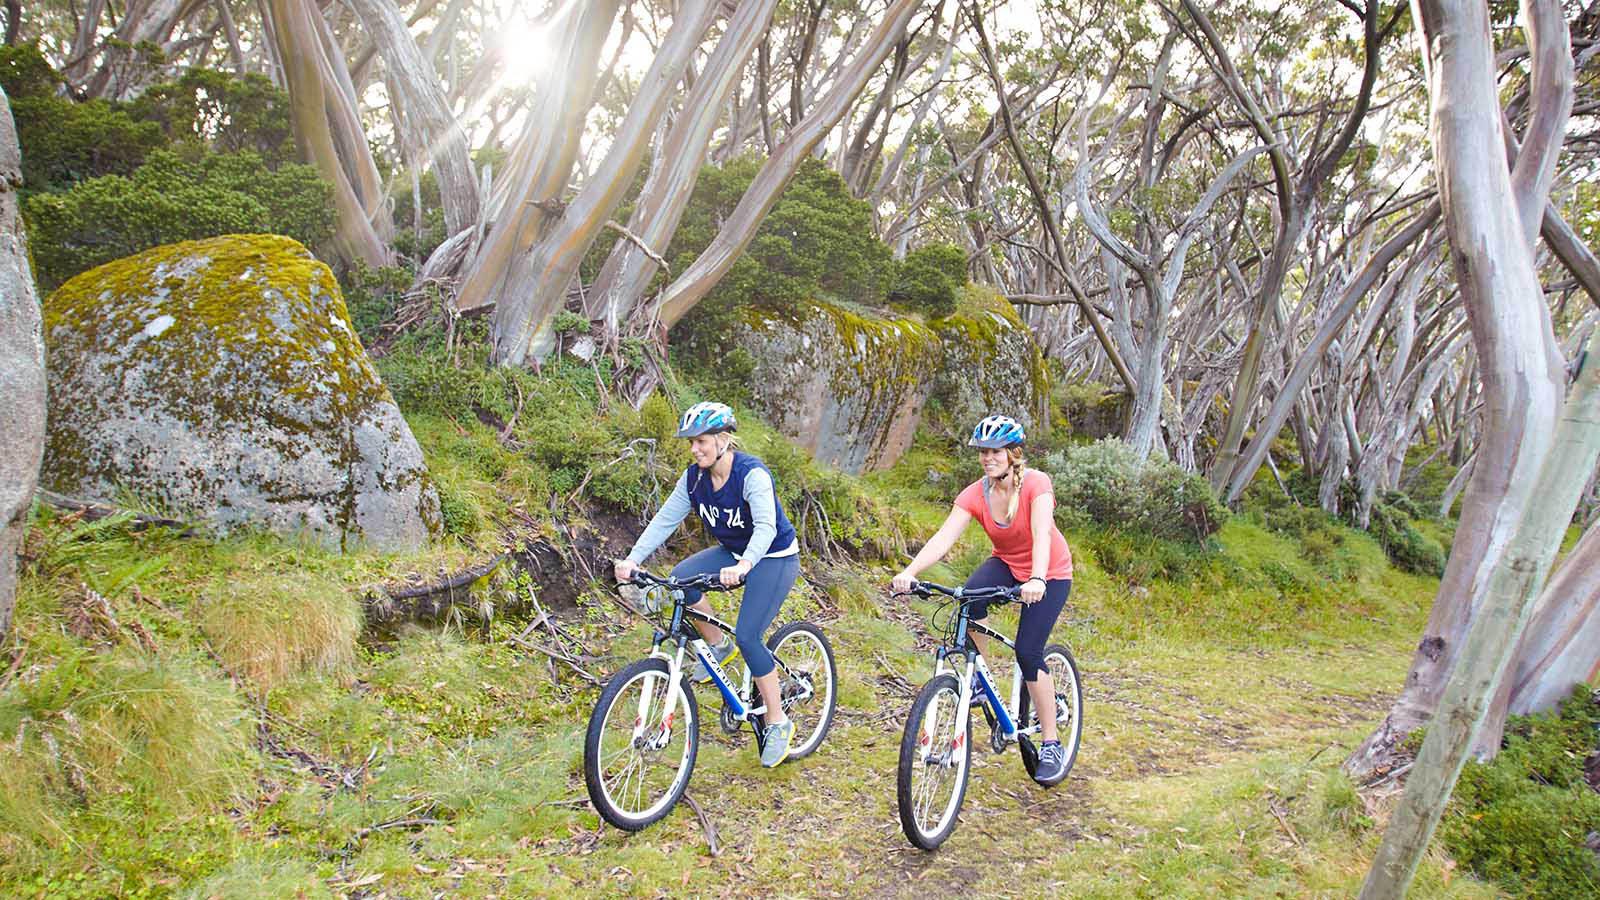 Mountain biking at Mount Baw Baw, Gippsland, Victoria, Australia